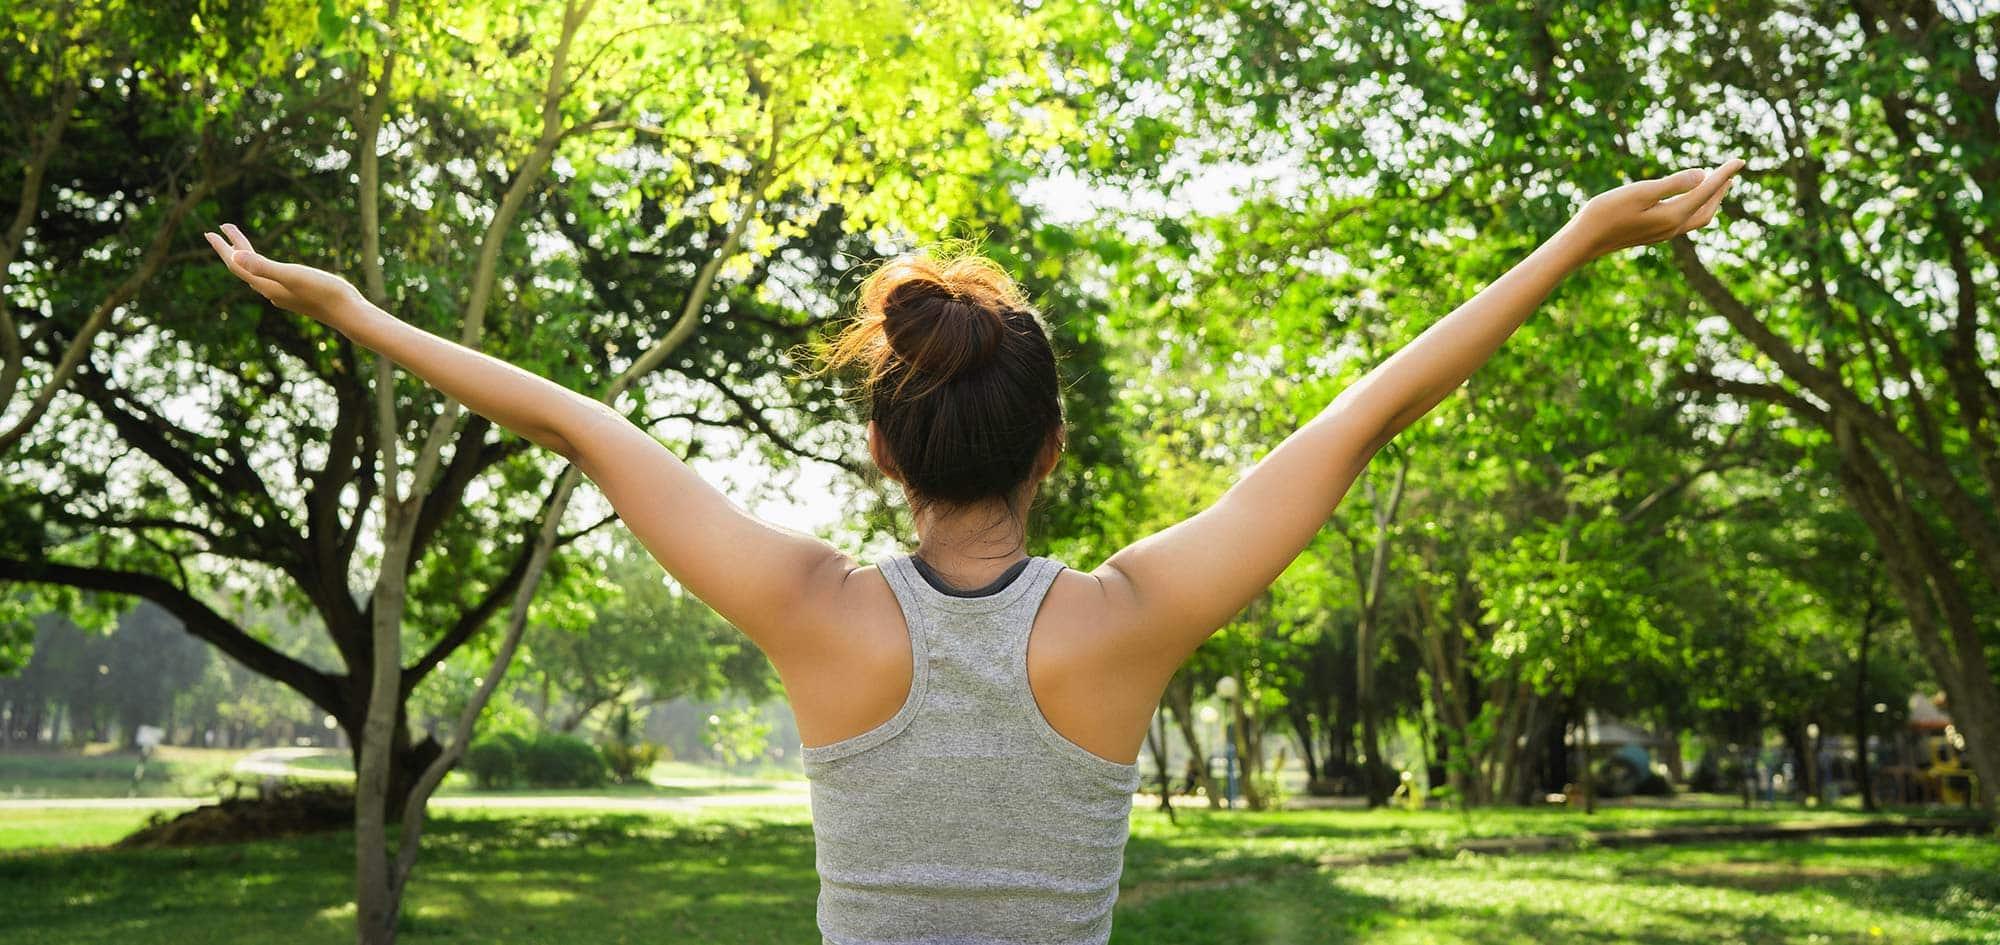 Eine sportliche Frau breitet voller Energie und gestärkt ihre Arme aus